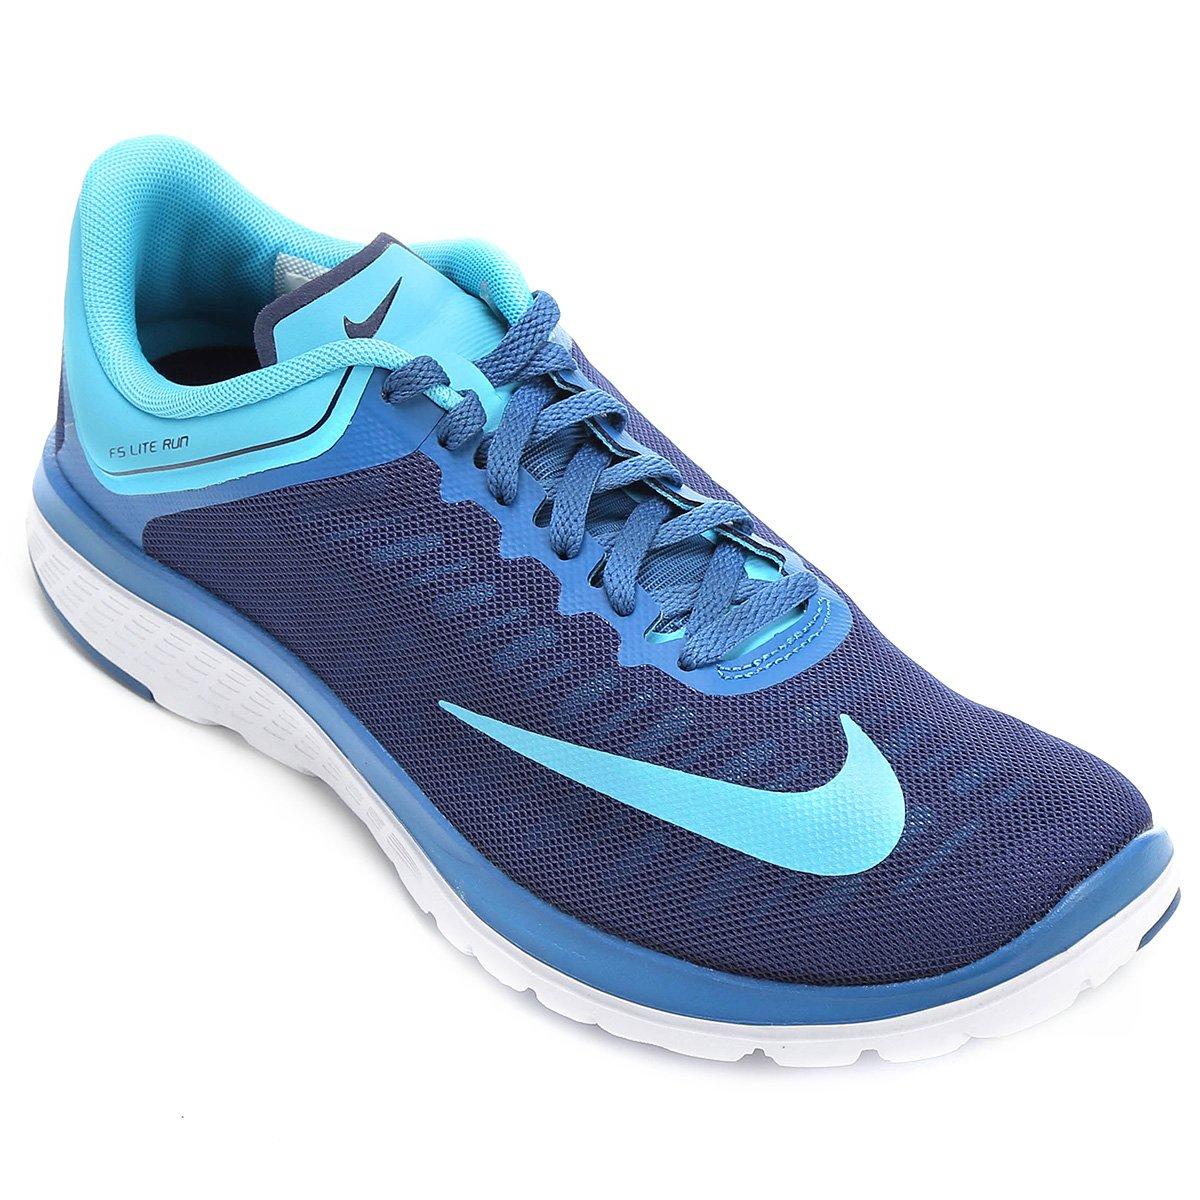 975dea16113 Tênis Nike Fs Lite Run 4 Masculino - Compre Agora